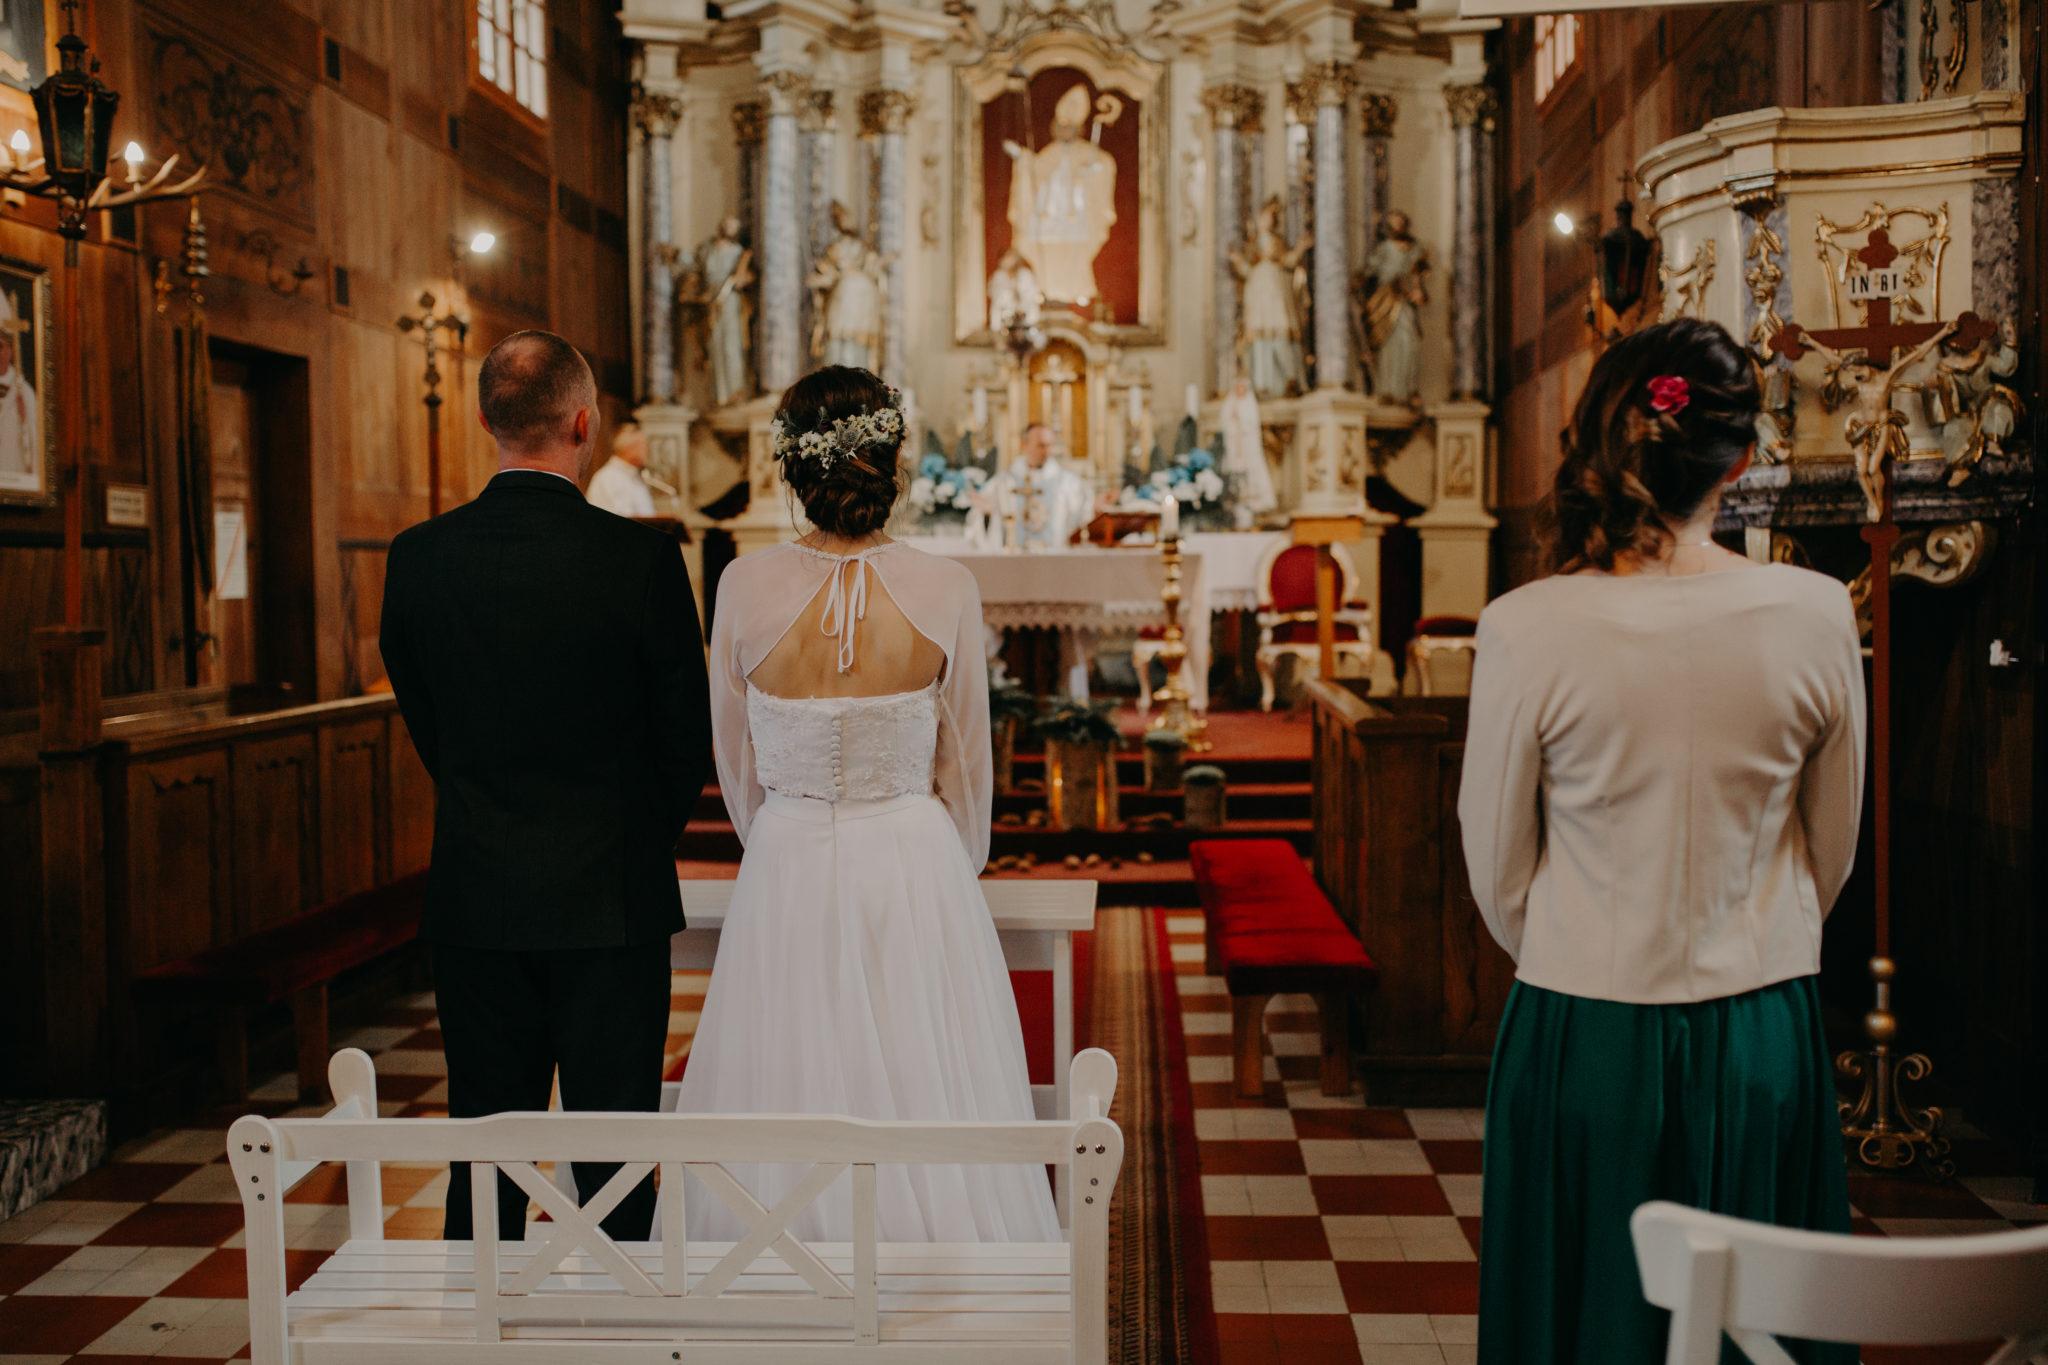 gosia i kuba64 - fotografiagk Fotografia ślubna RK wedding